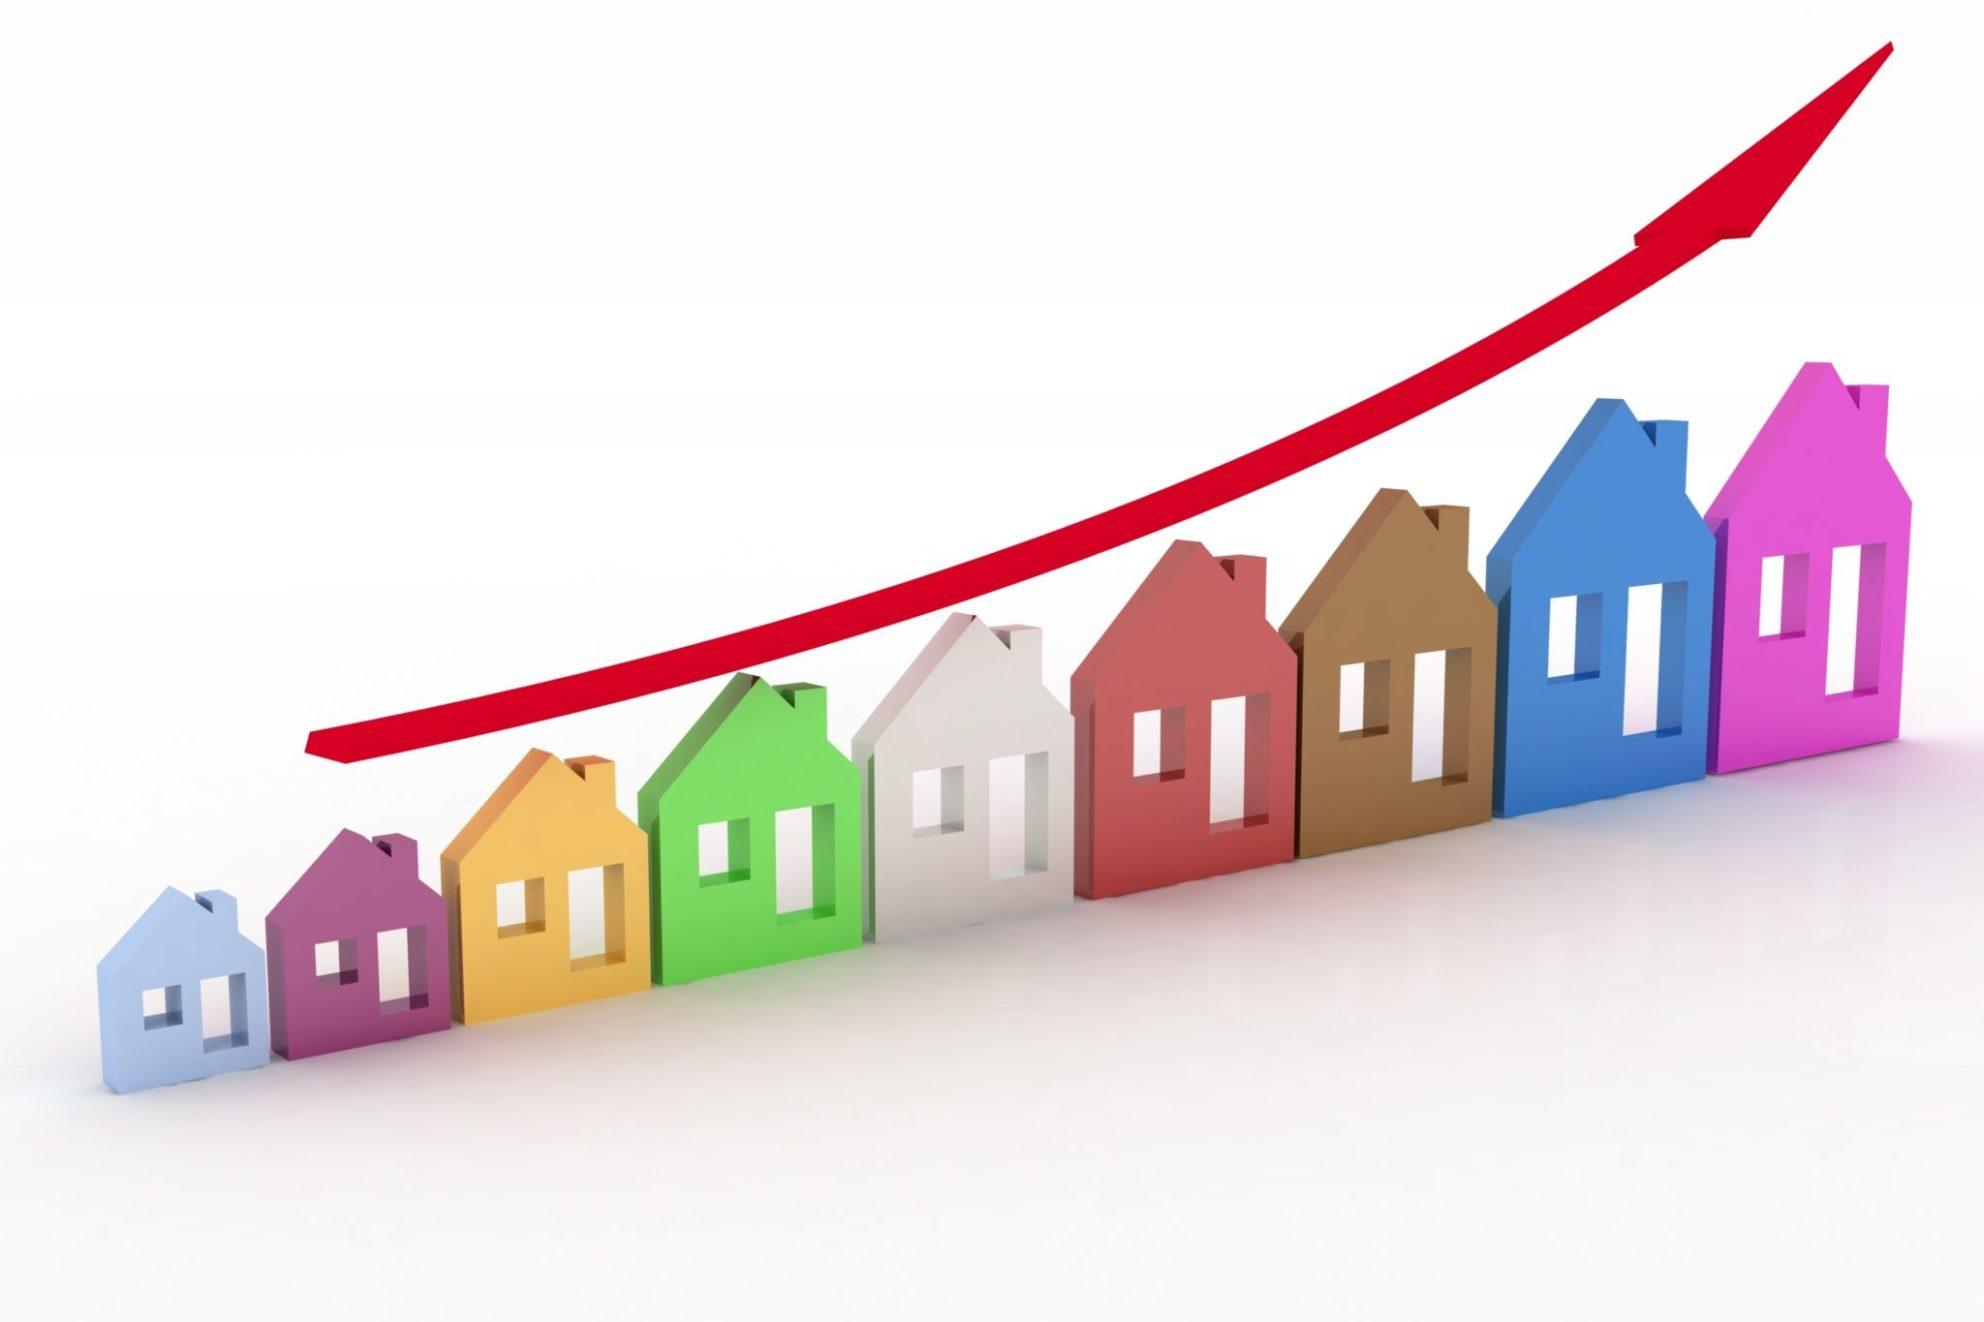 România - ţara cu cei mai mulţi proprietari de locuinţe din Europa